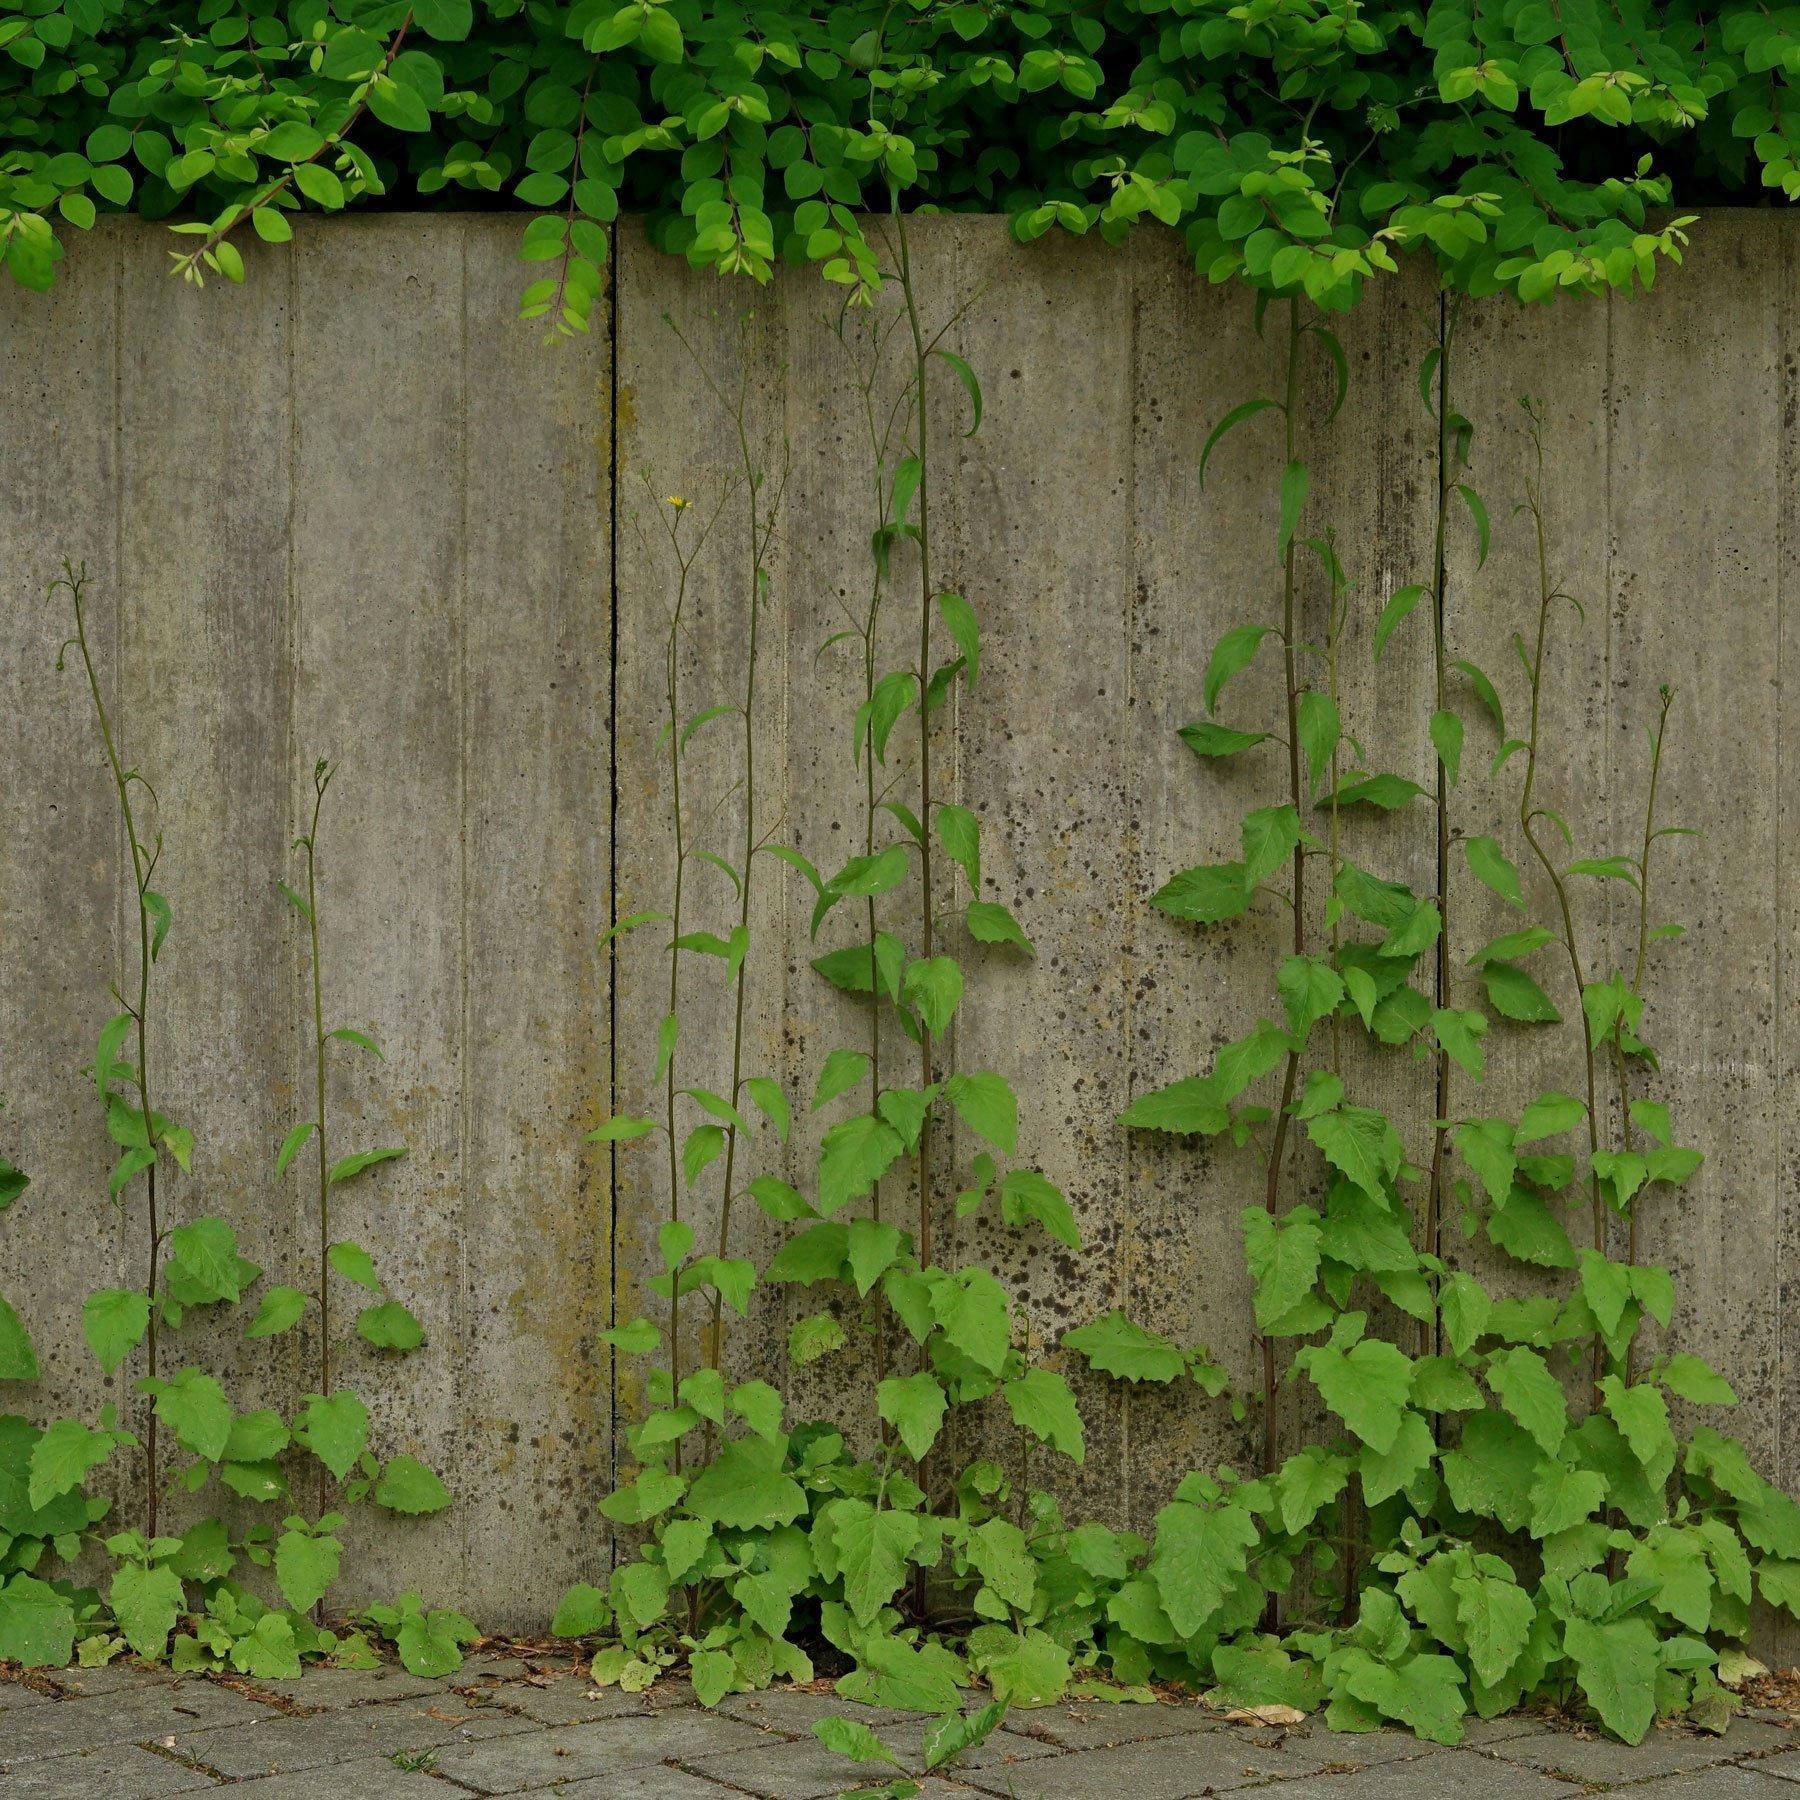 Rainkohl vor Mauer